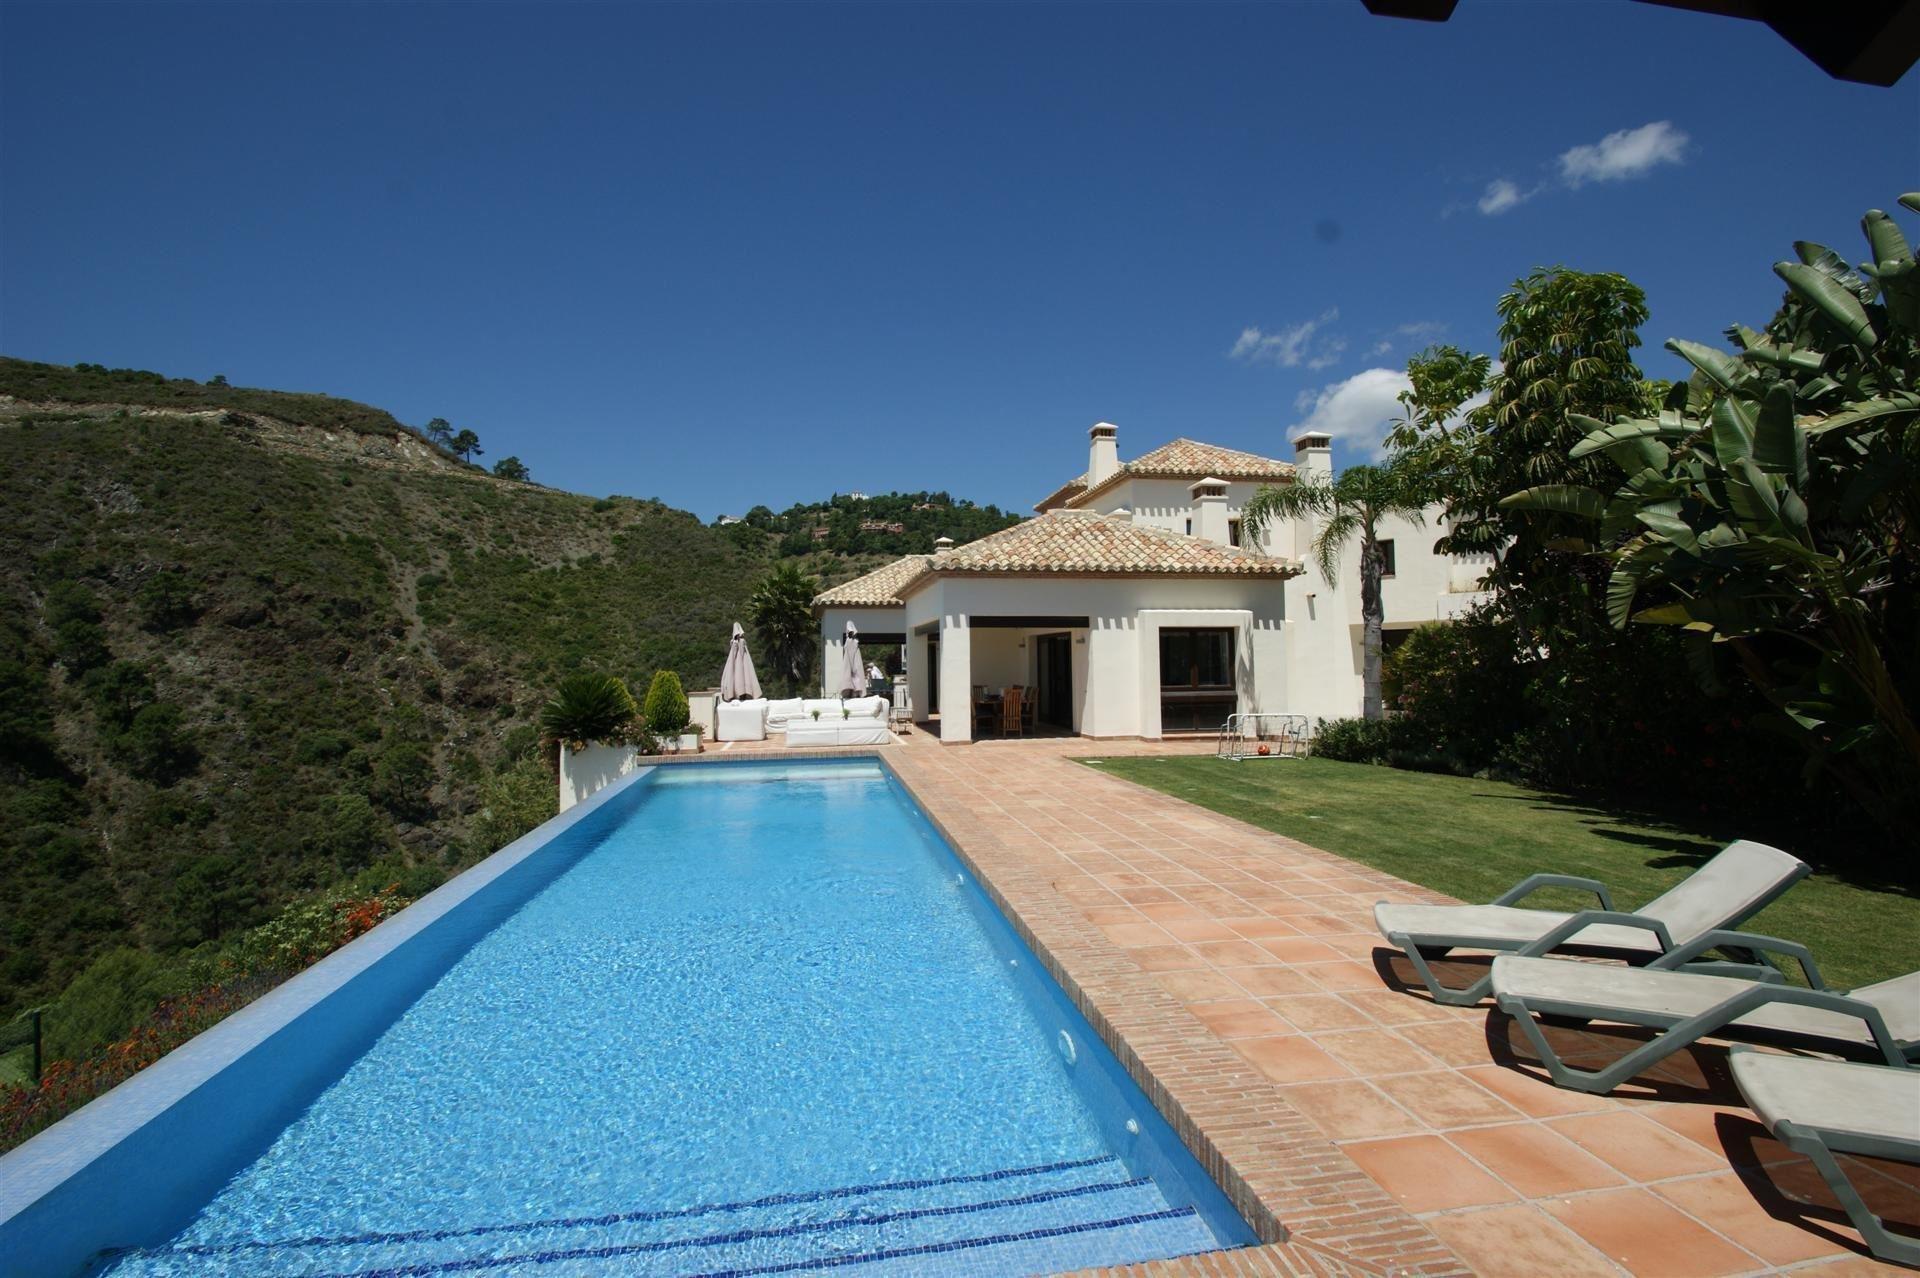 Villa in Benahavís, Spain 1